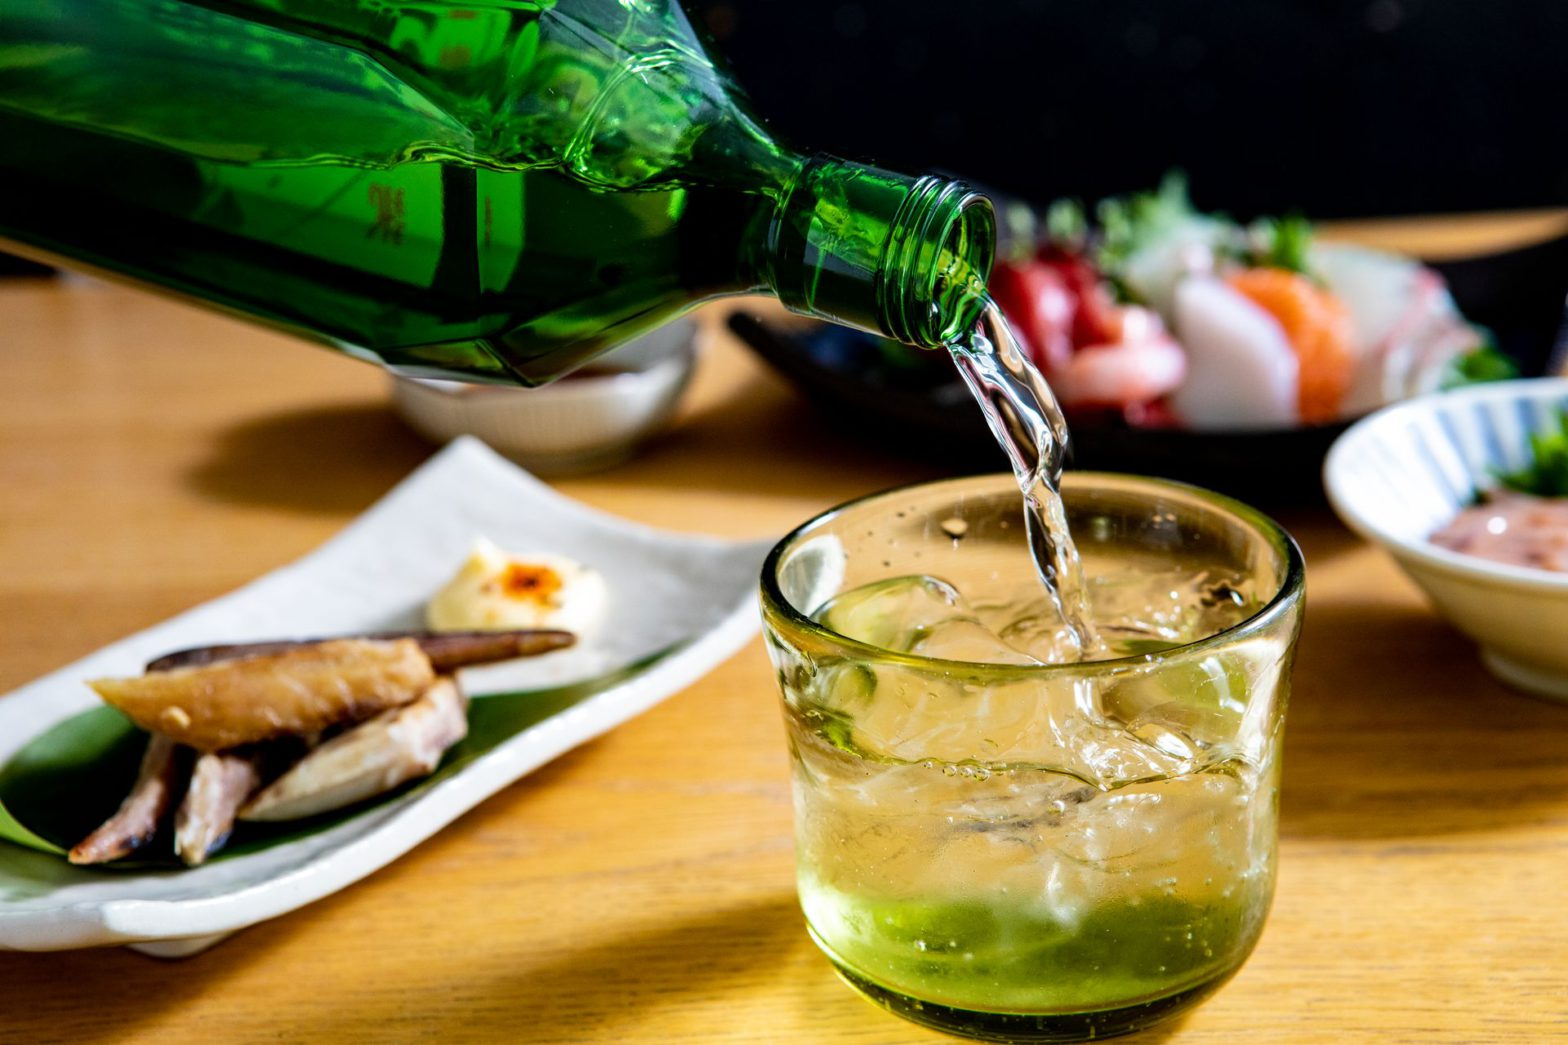 まだ世界が知らない蒸留酒、東京の島酒